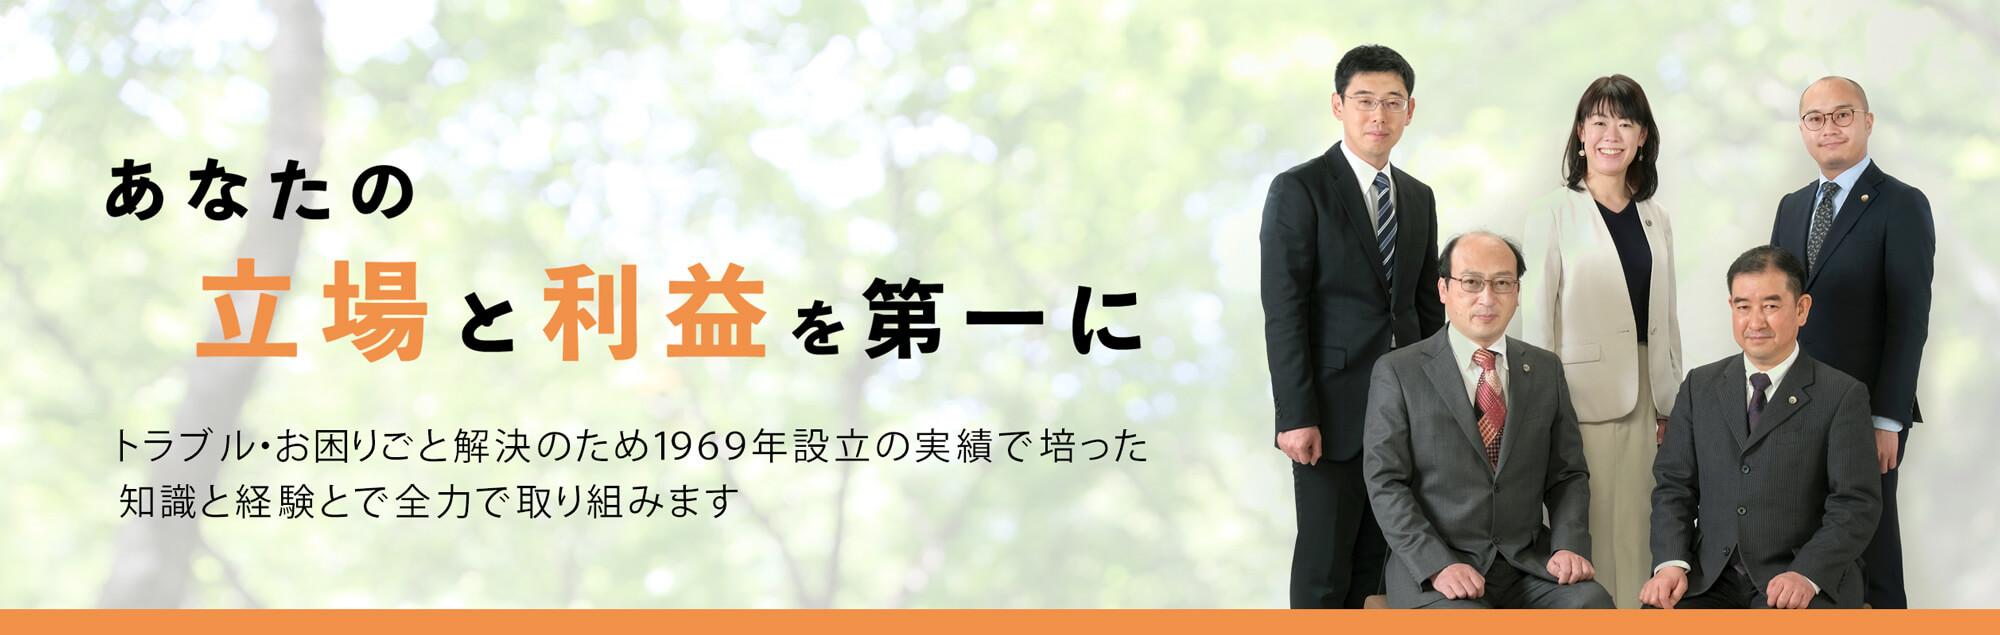 滋賀第一法律事務所